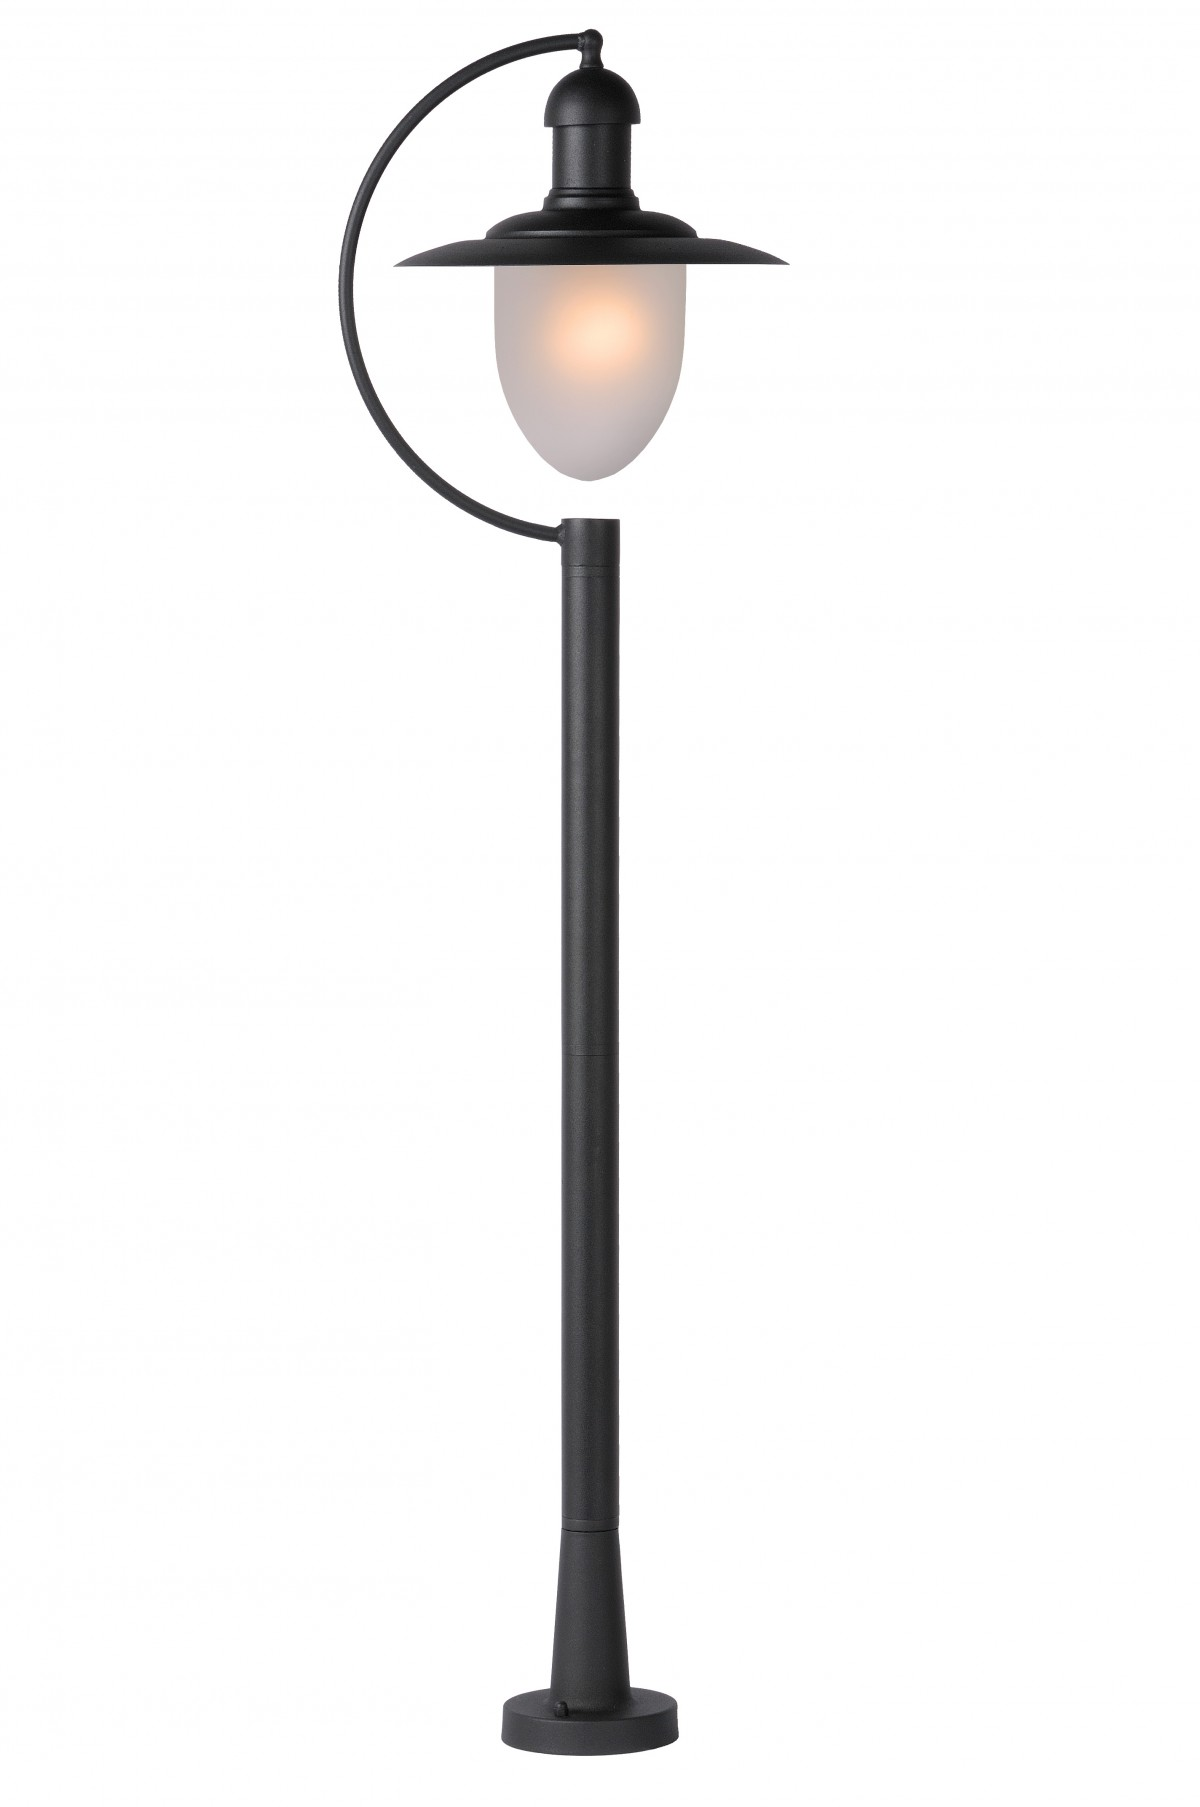 venkovní stojací lampa Lucide Aruba 11873/01/30 1x24W E27 - komplexní venkovní osvětlení